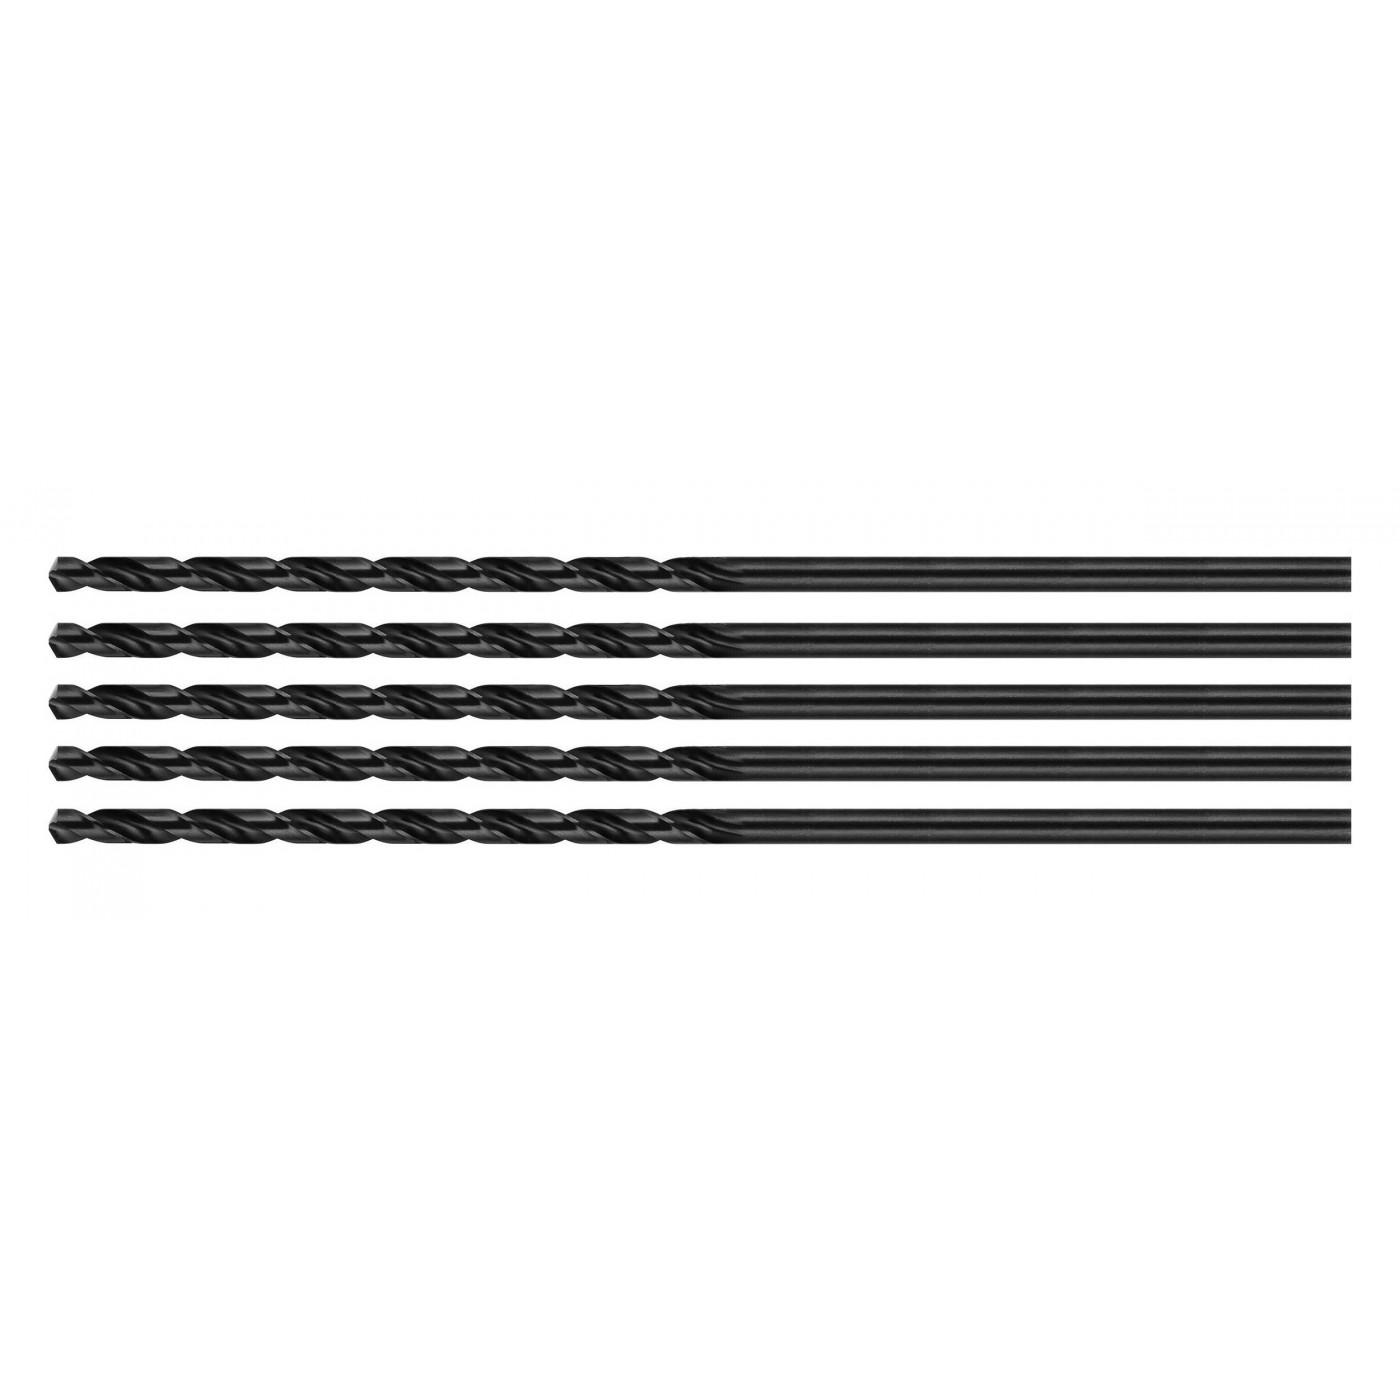 Set of 5 metal drill bits (HSS, 3.5x160 mm)